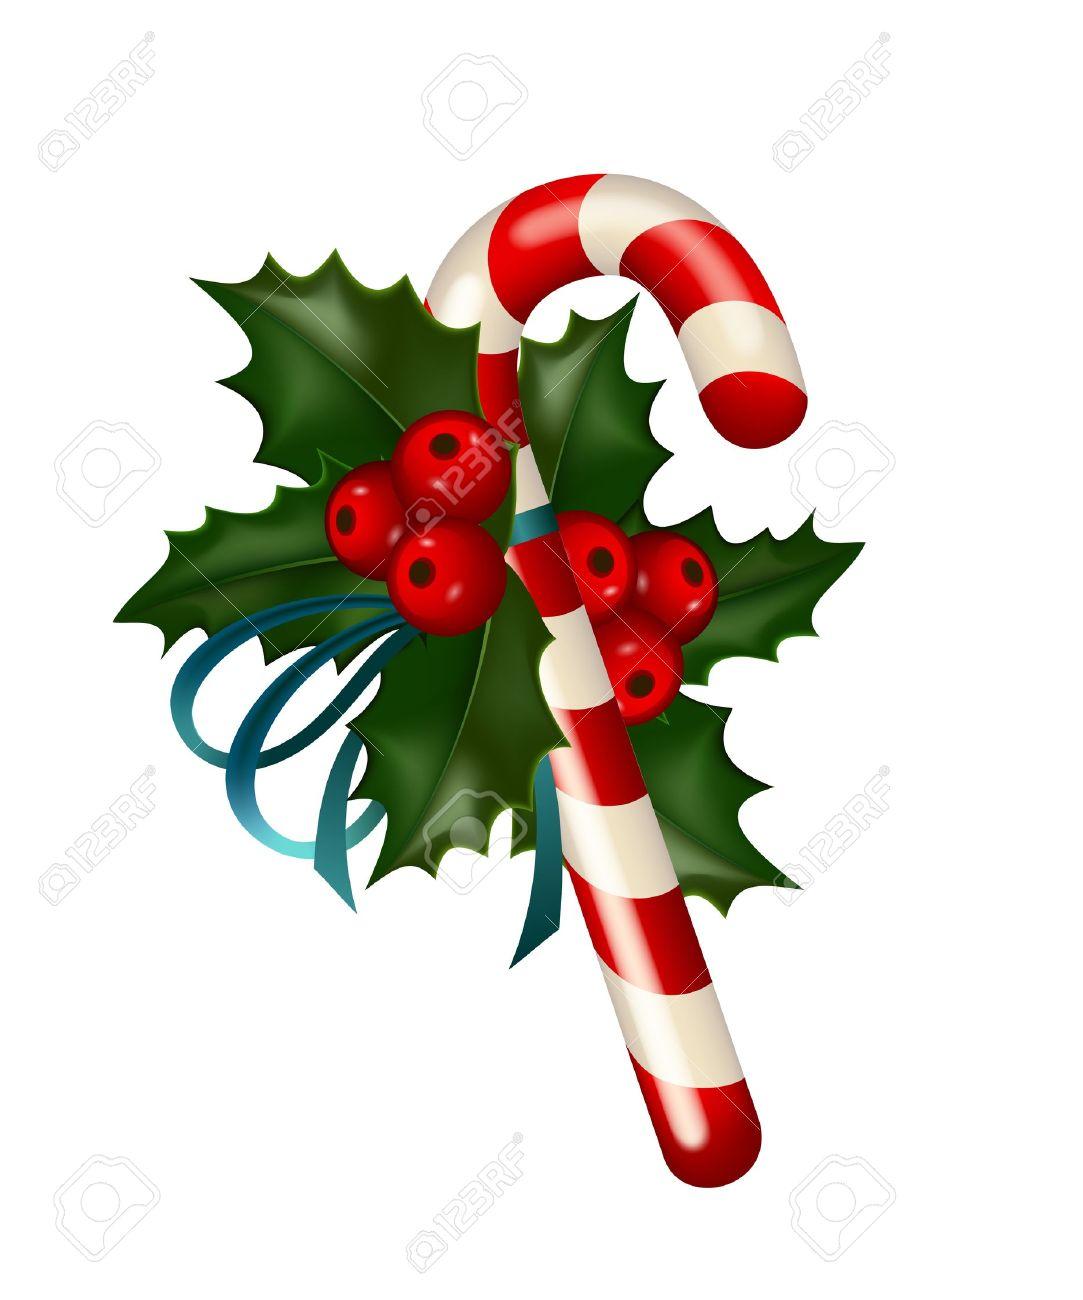 Weihnachten Kandiszucker Mit Stechpalmen Geschmückt Auf Weißem ...